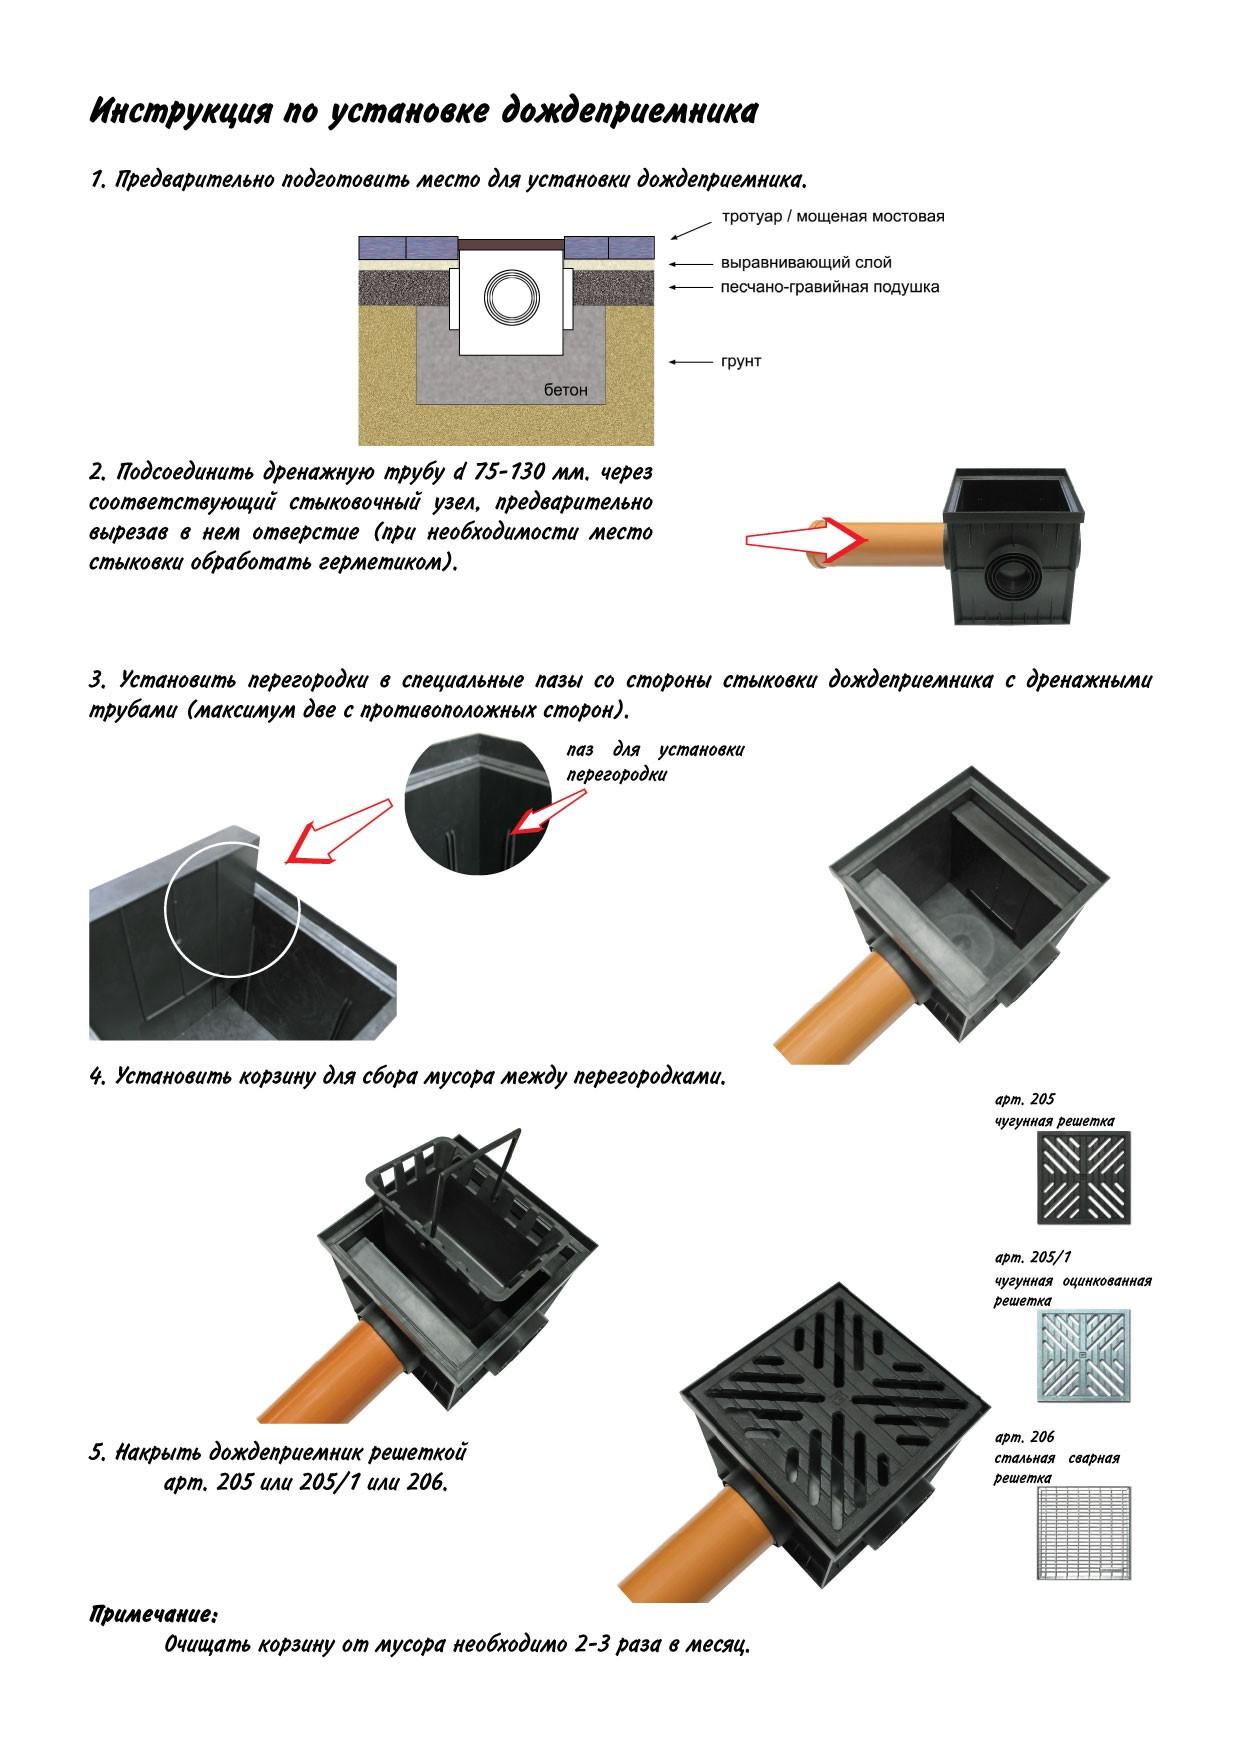 instrukciya